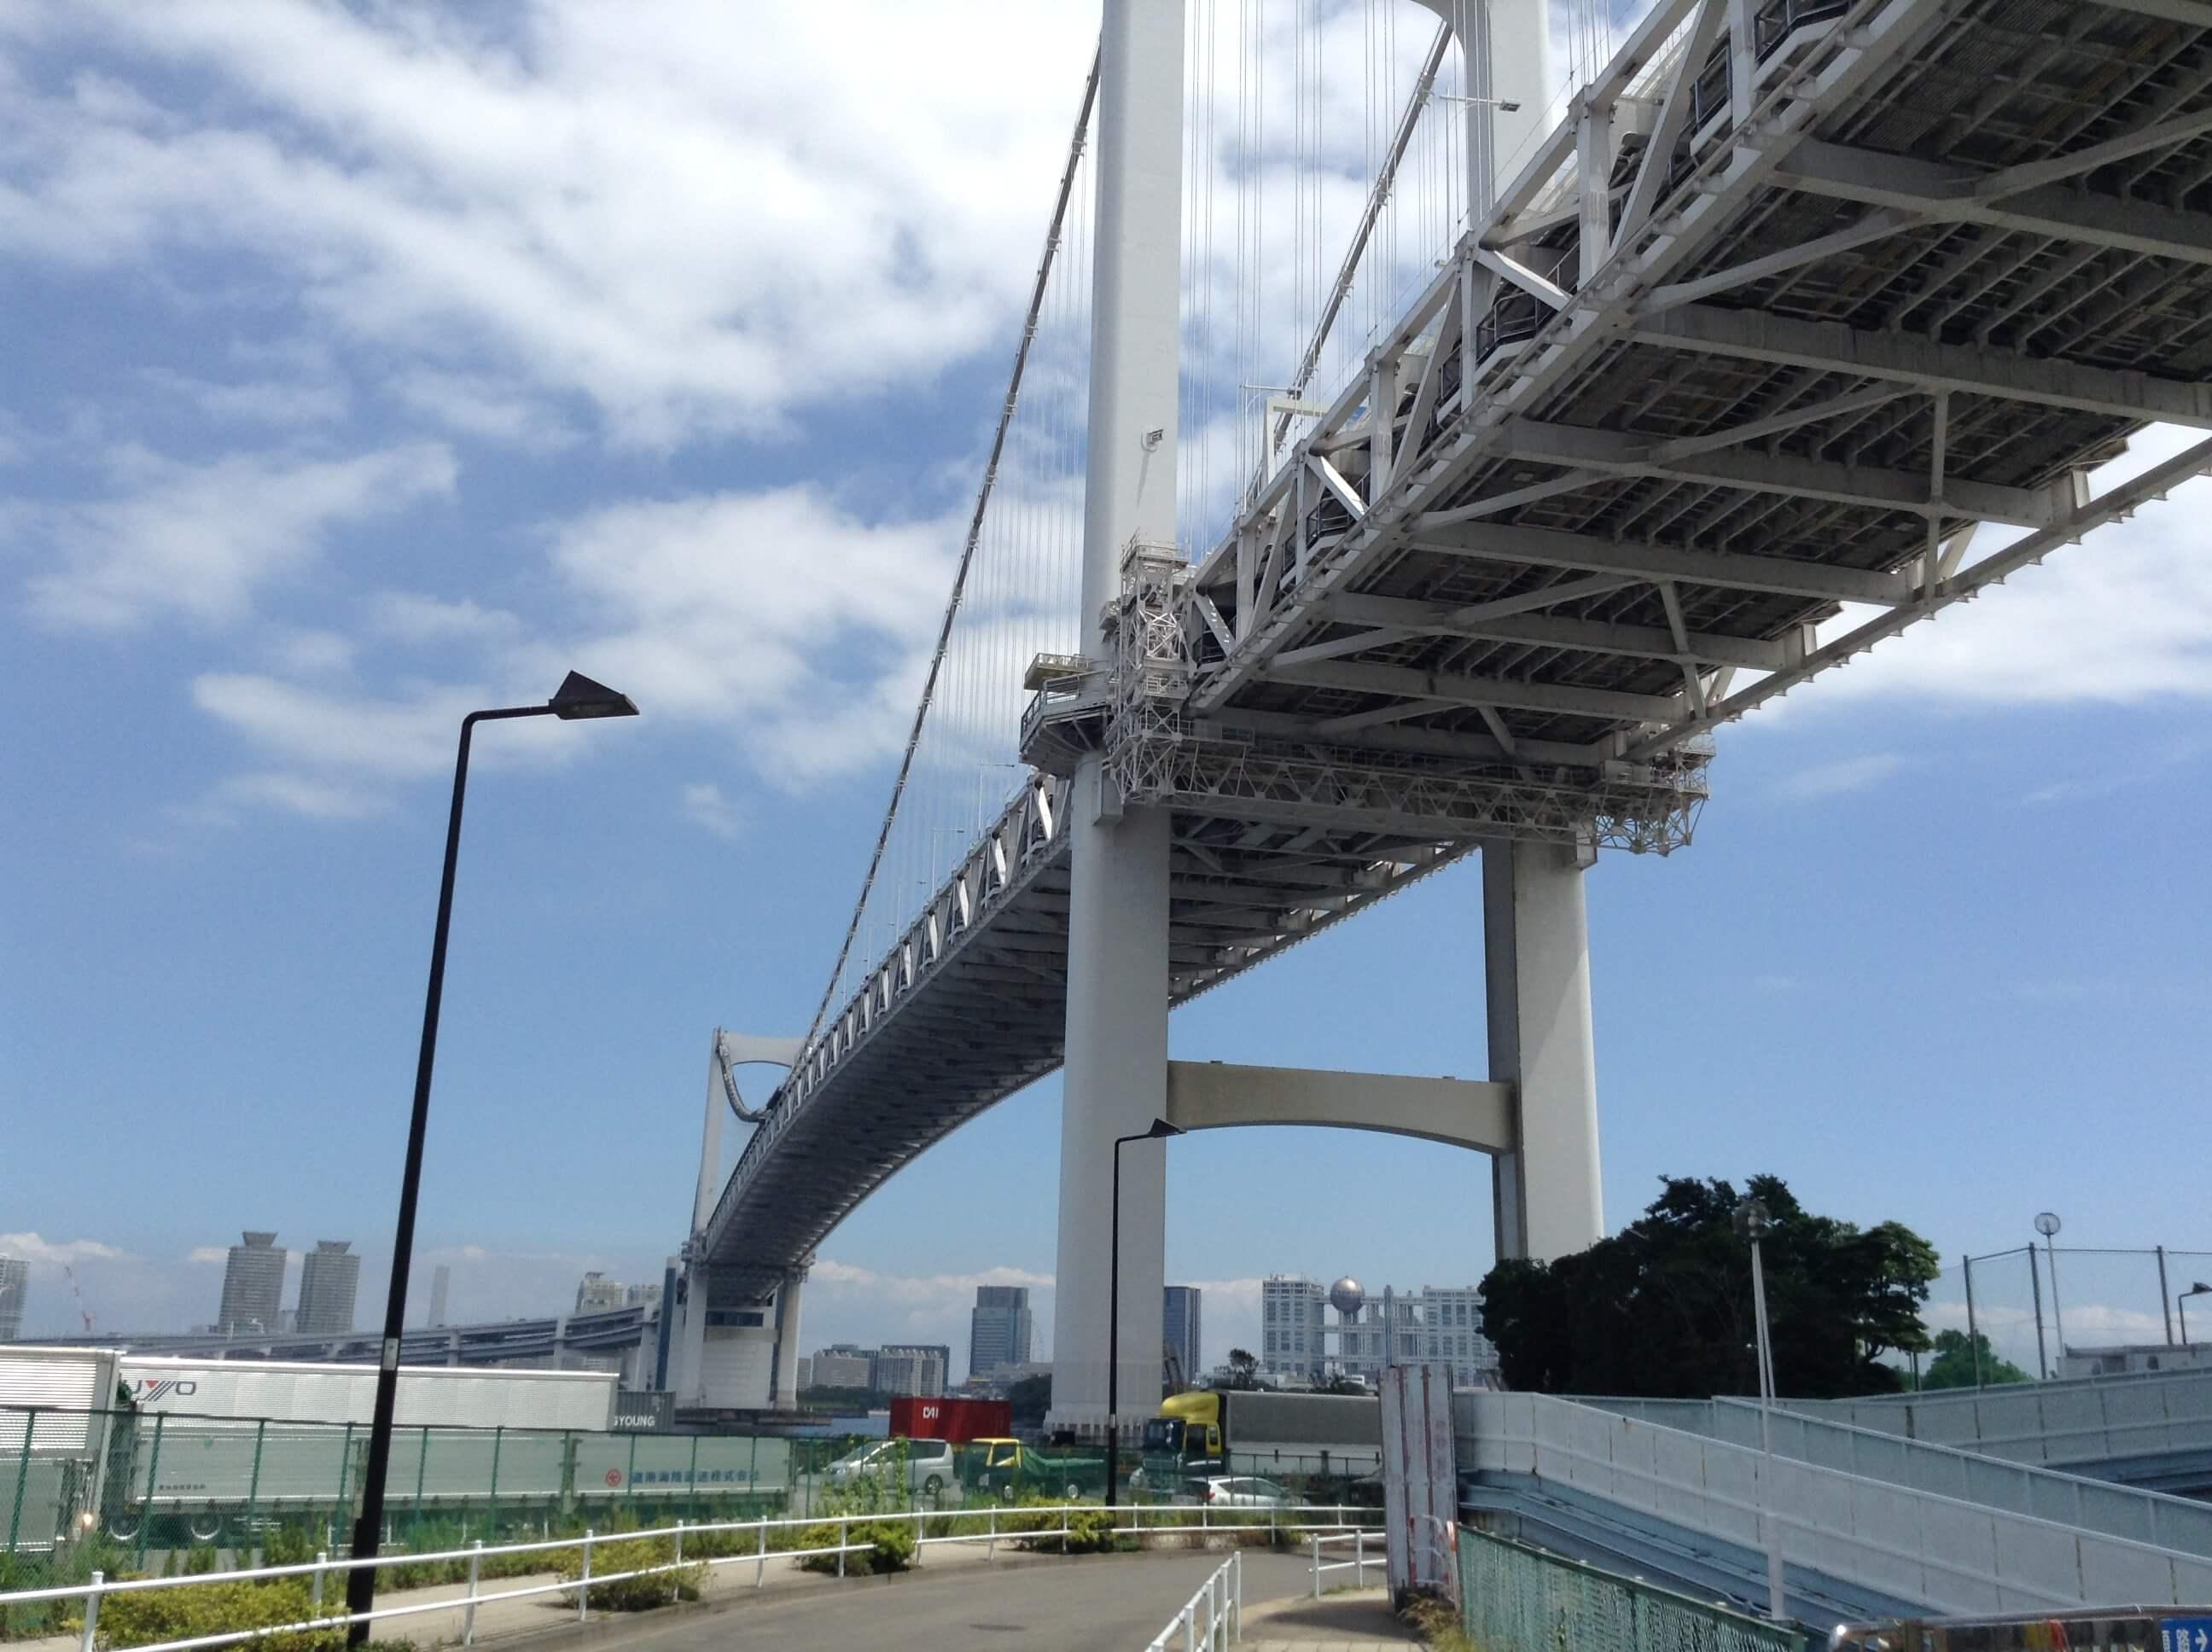 はとバスの「TOKYOパノラマドライブ」コースをレンタサイクルでまわってみた